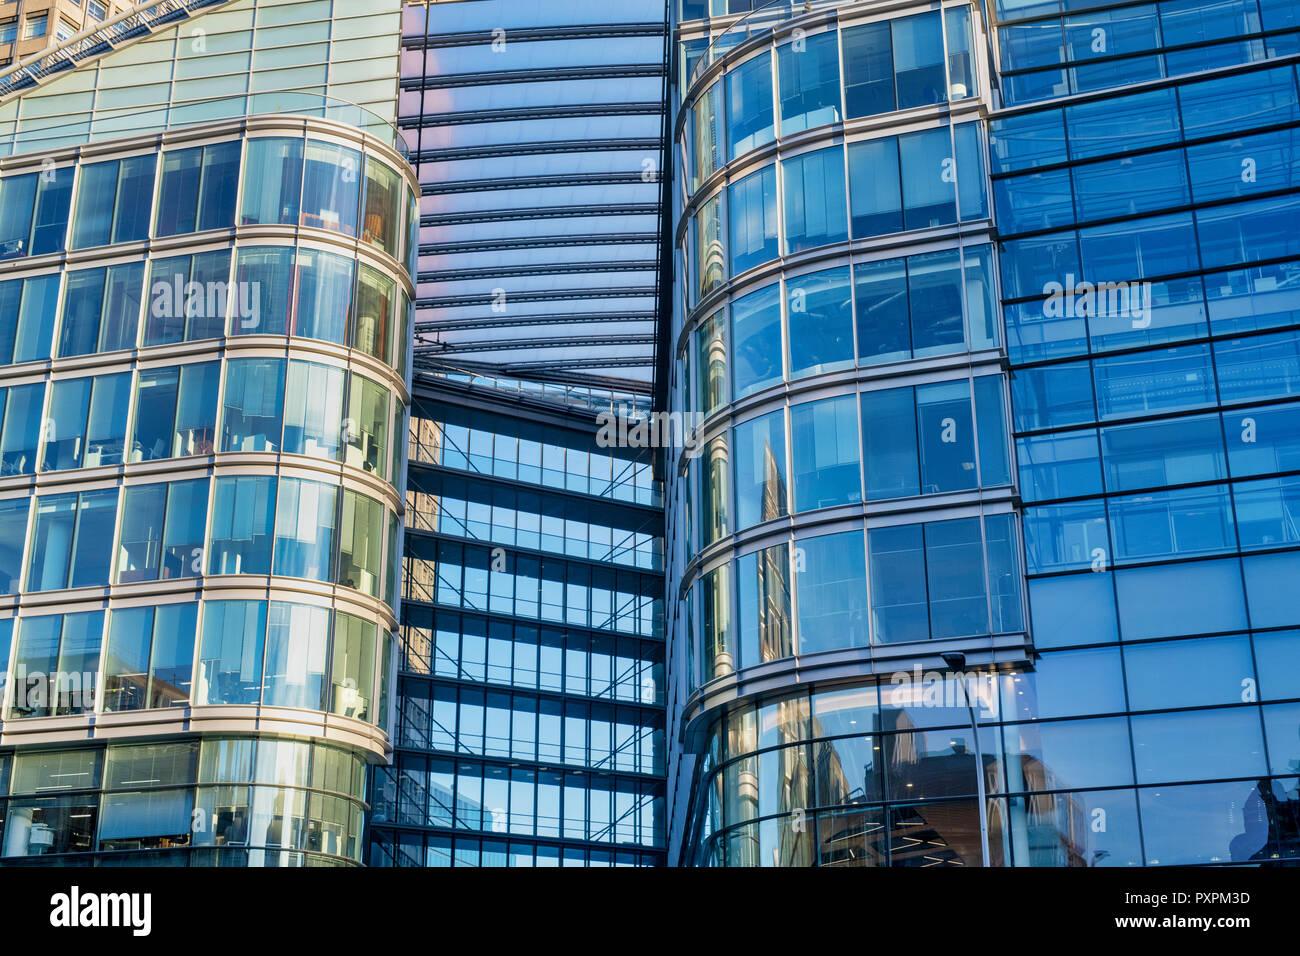 29e2888d5f Bloques de oficinas abstracto, Cardenal Place, Victoria Street, Londres,  Inglaterra Imagen De